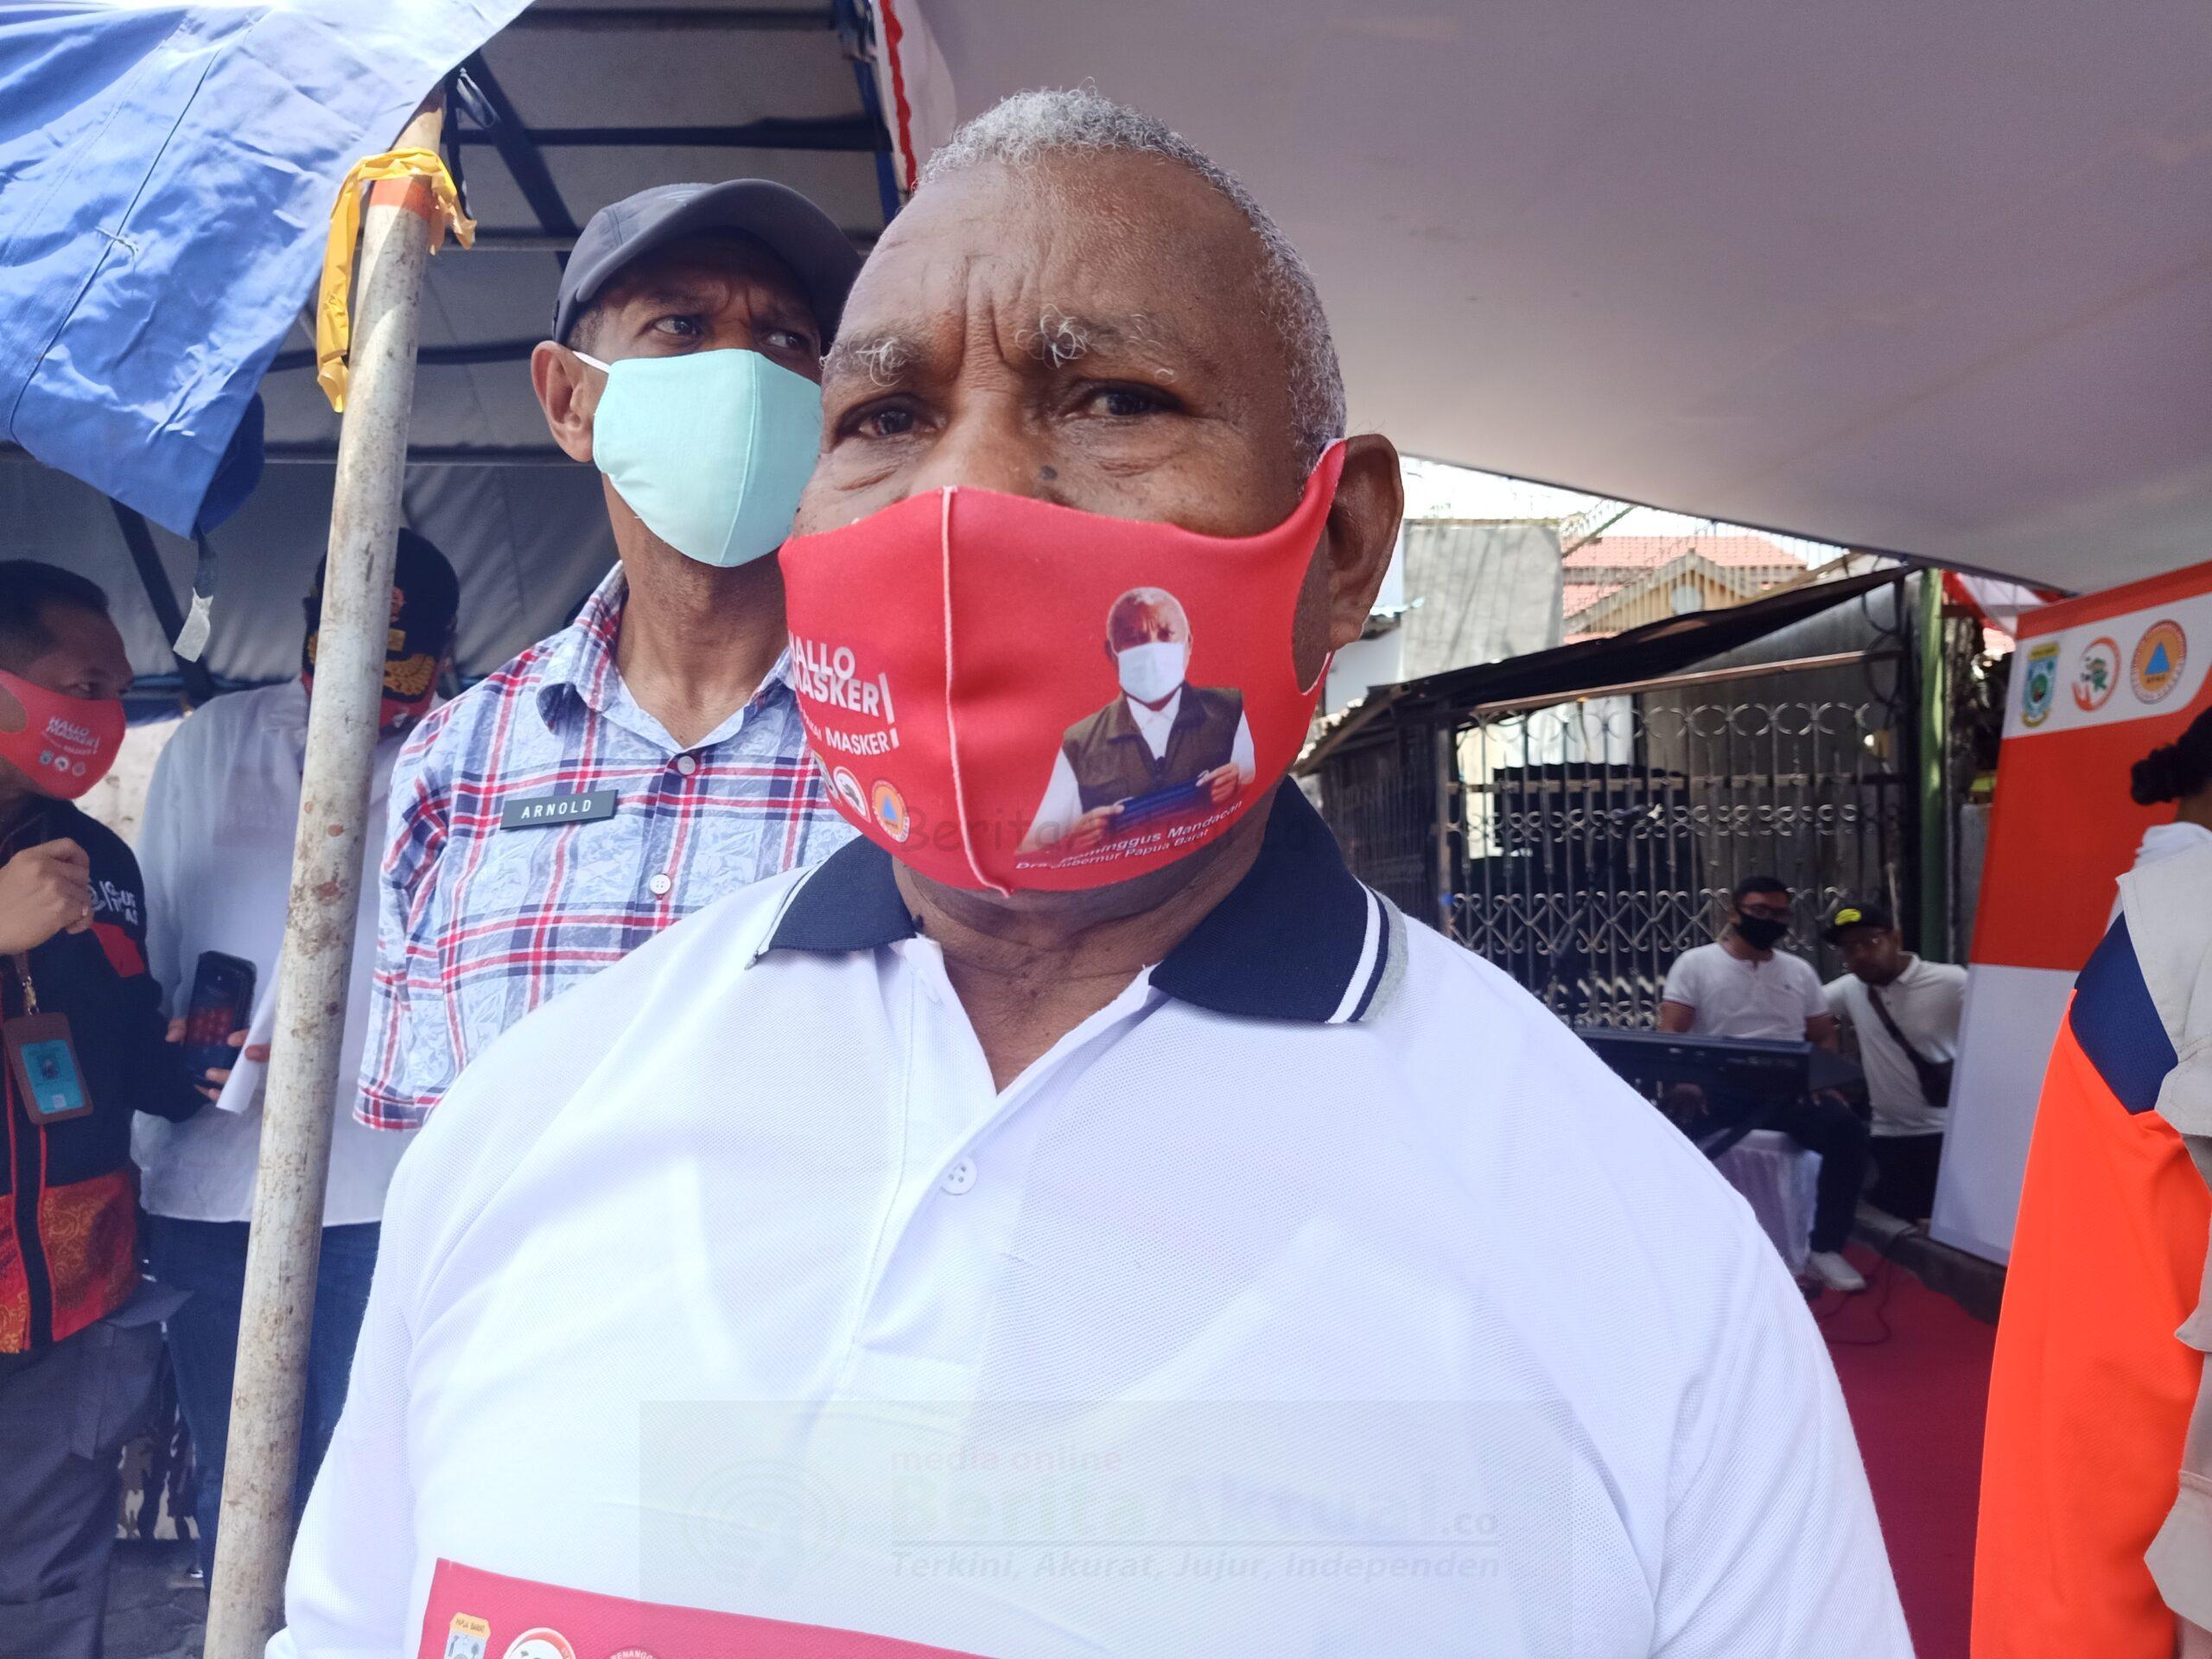 Pemprov Papua Barat Kembali Perpanjang WFH Sampai 23 November 2020 4 IMG20200911111201 1 scaled